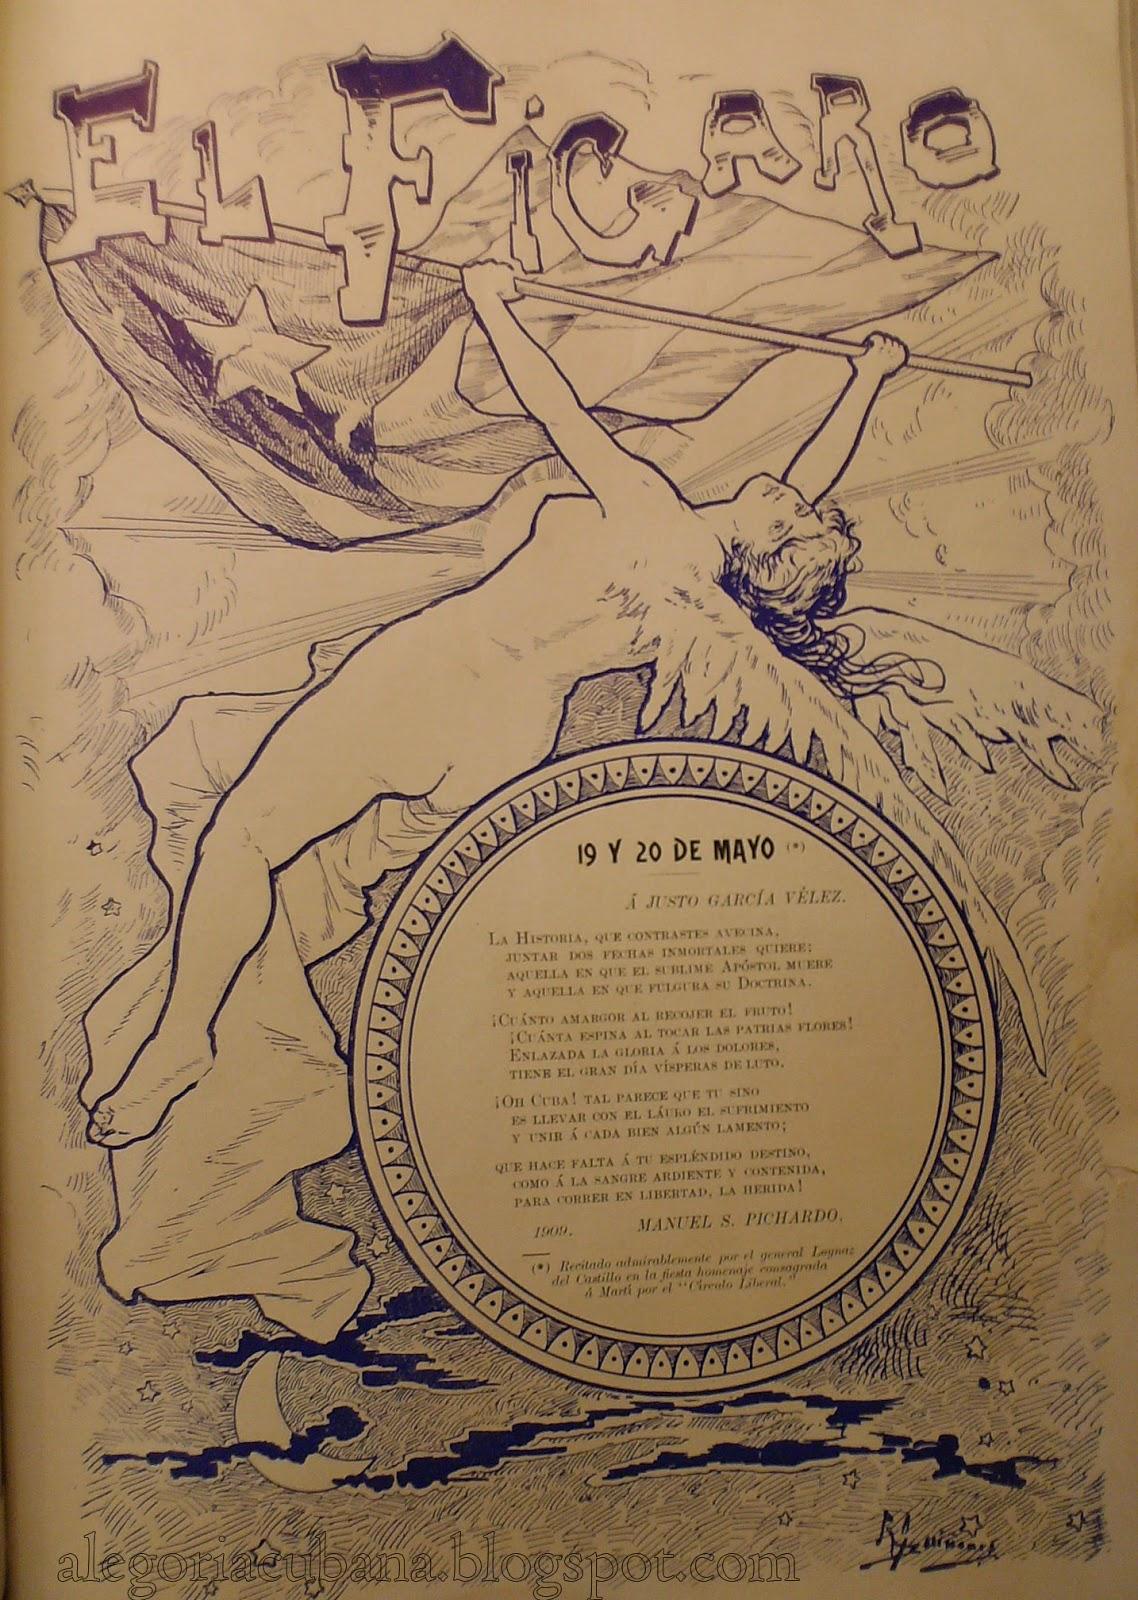 El Fígaro, 20 de mayo de 1909, alegoría de Cuba